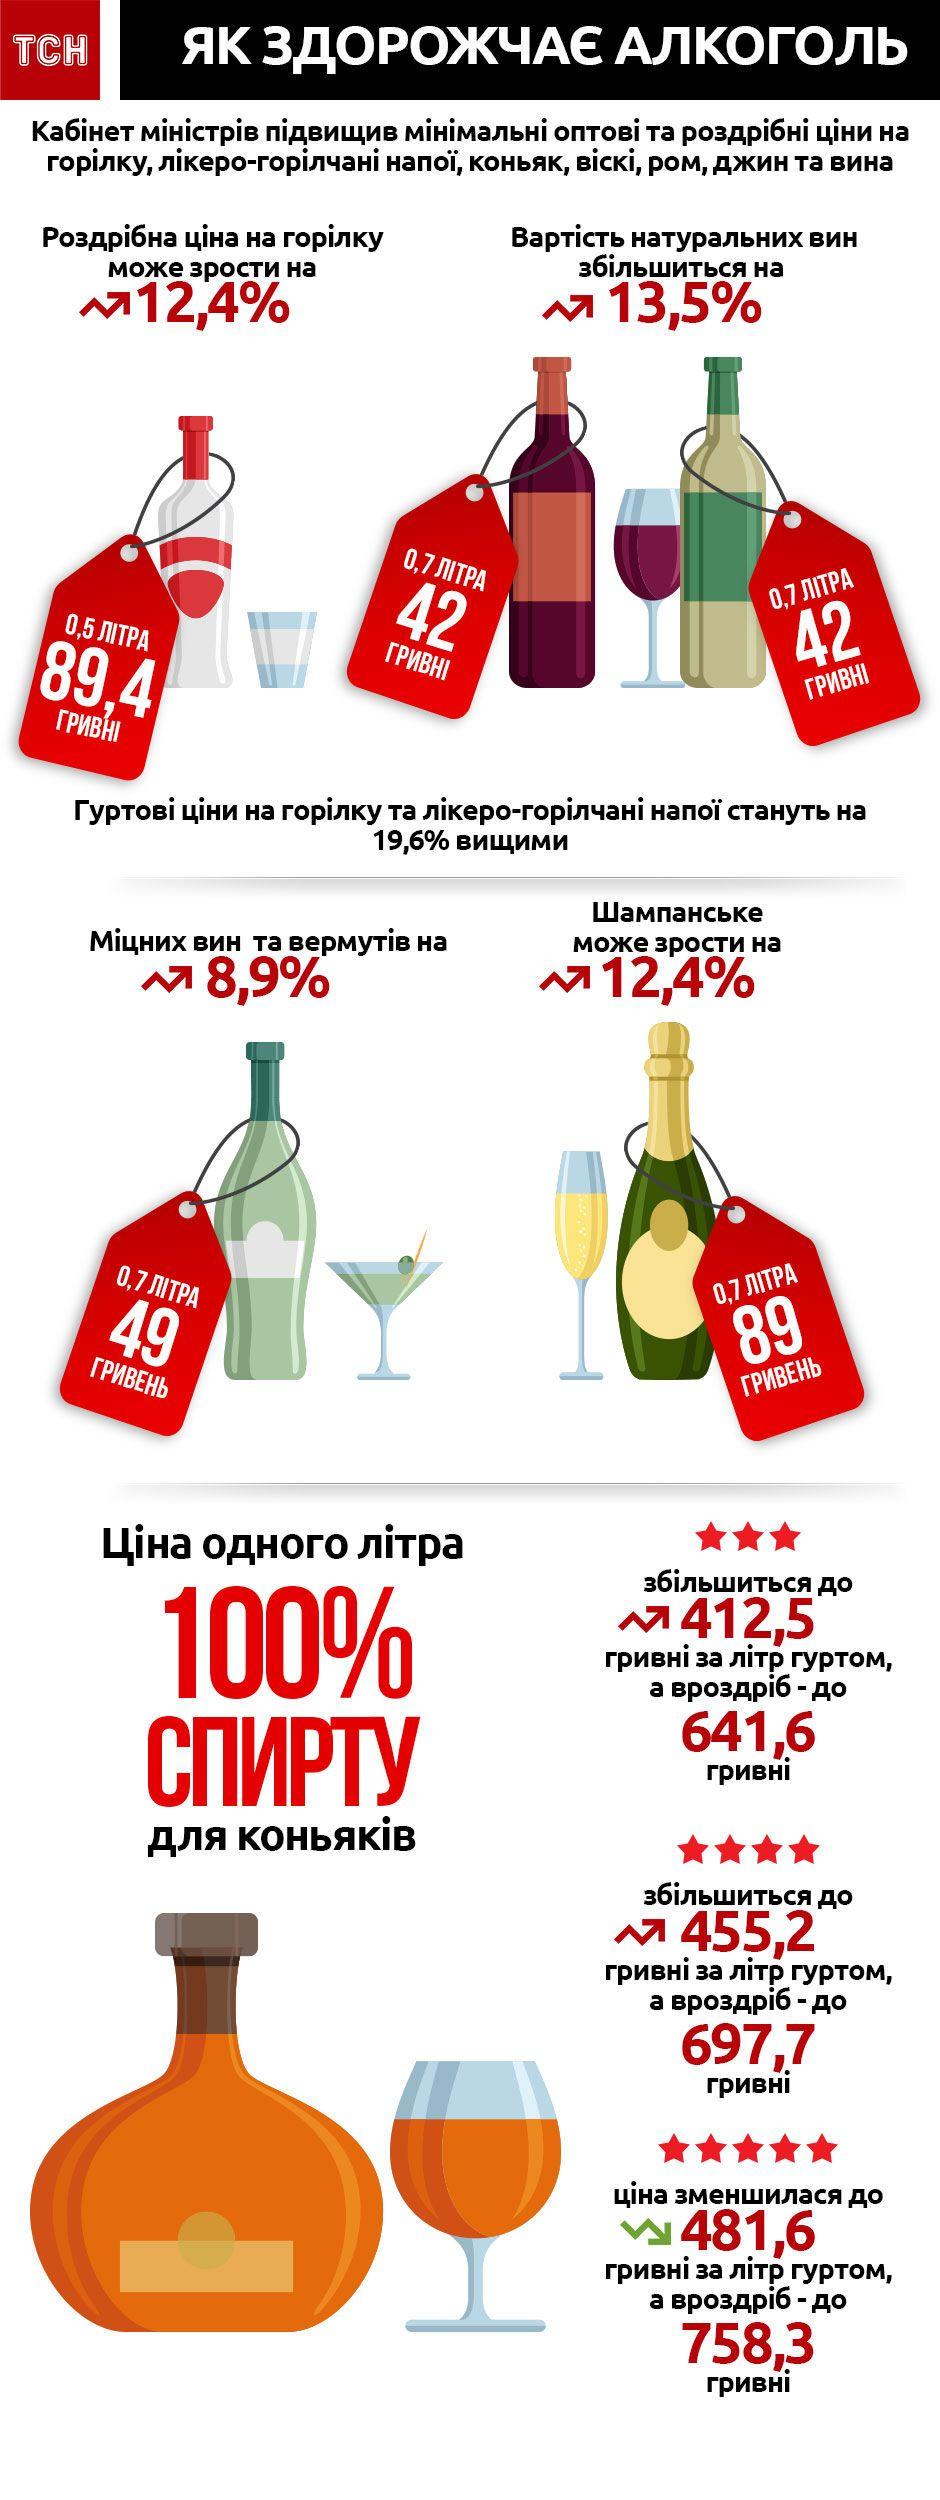 Як здорожчає алкоголь. Інфографіка